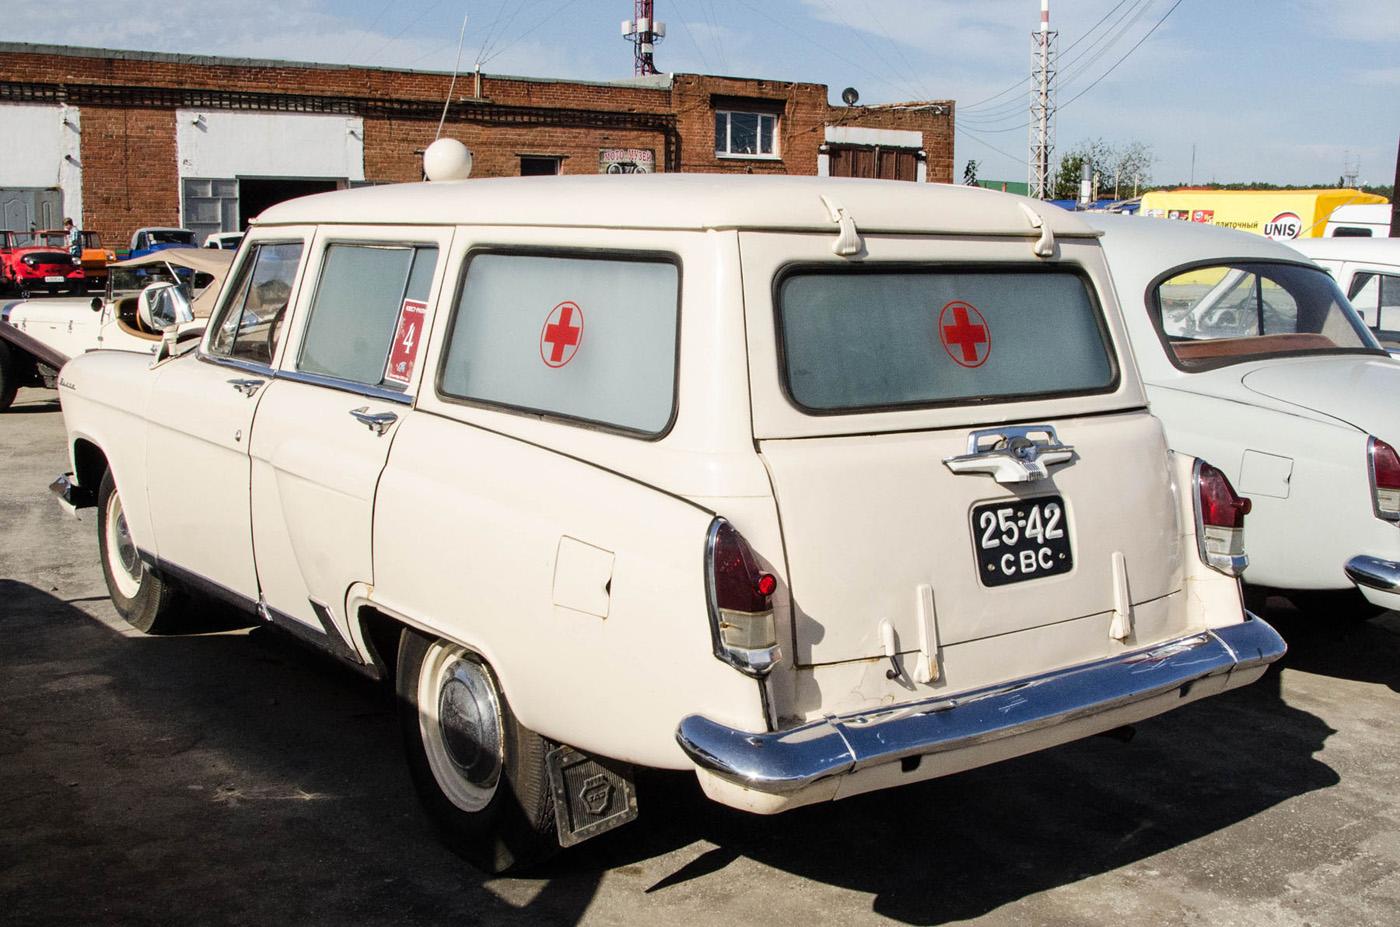 Медицинский автомобиль ГАЗ-22Б #25-42 СВС. Екатеринбург, Авиационная улица